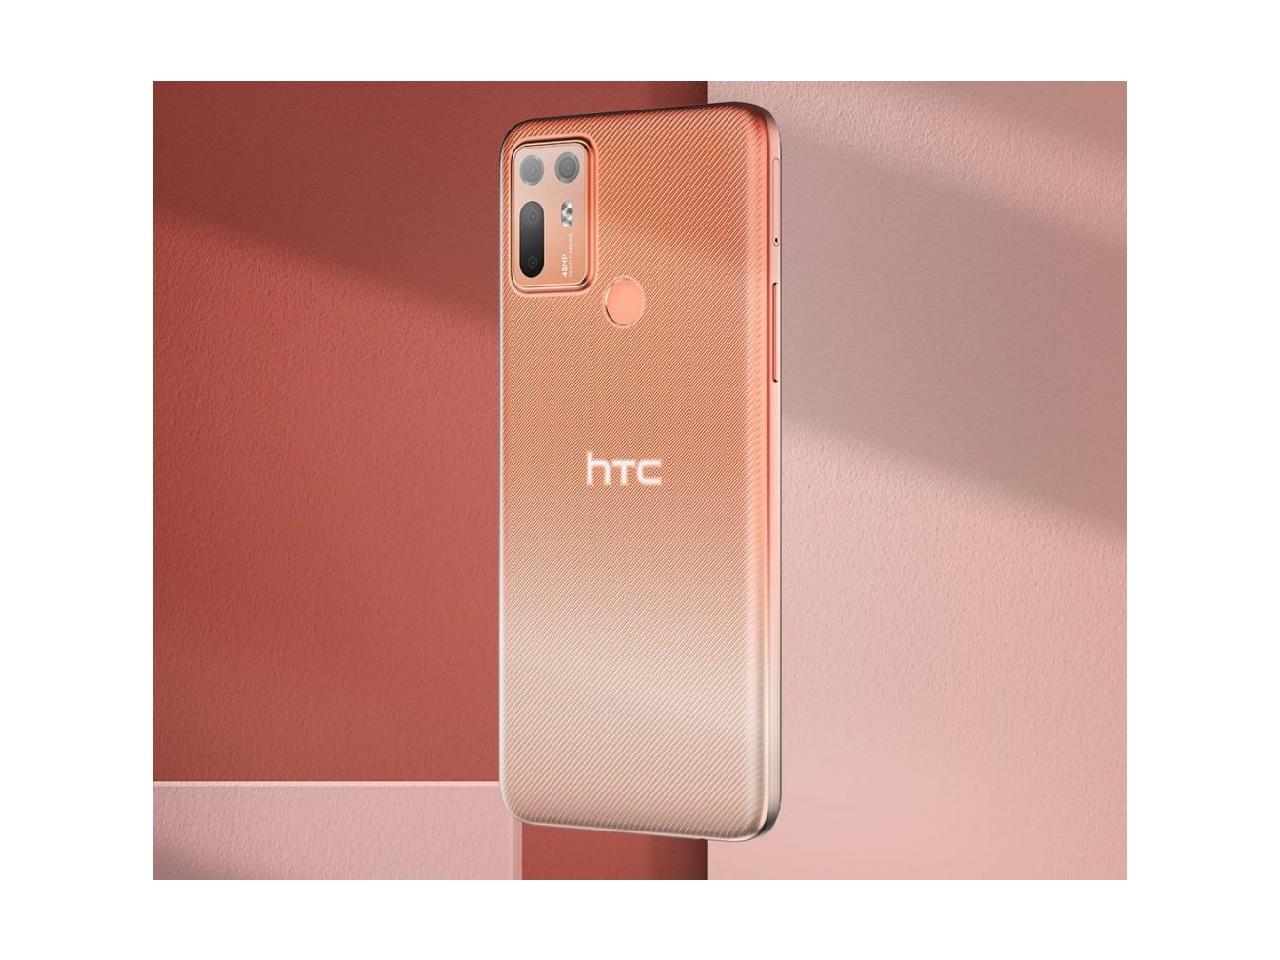 HTC Desire 20+ è ufficiale: super autonomia e fotocamere al top